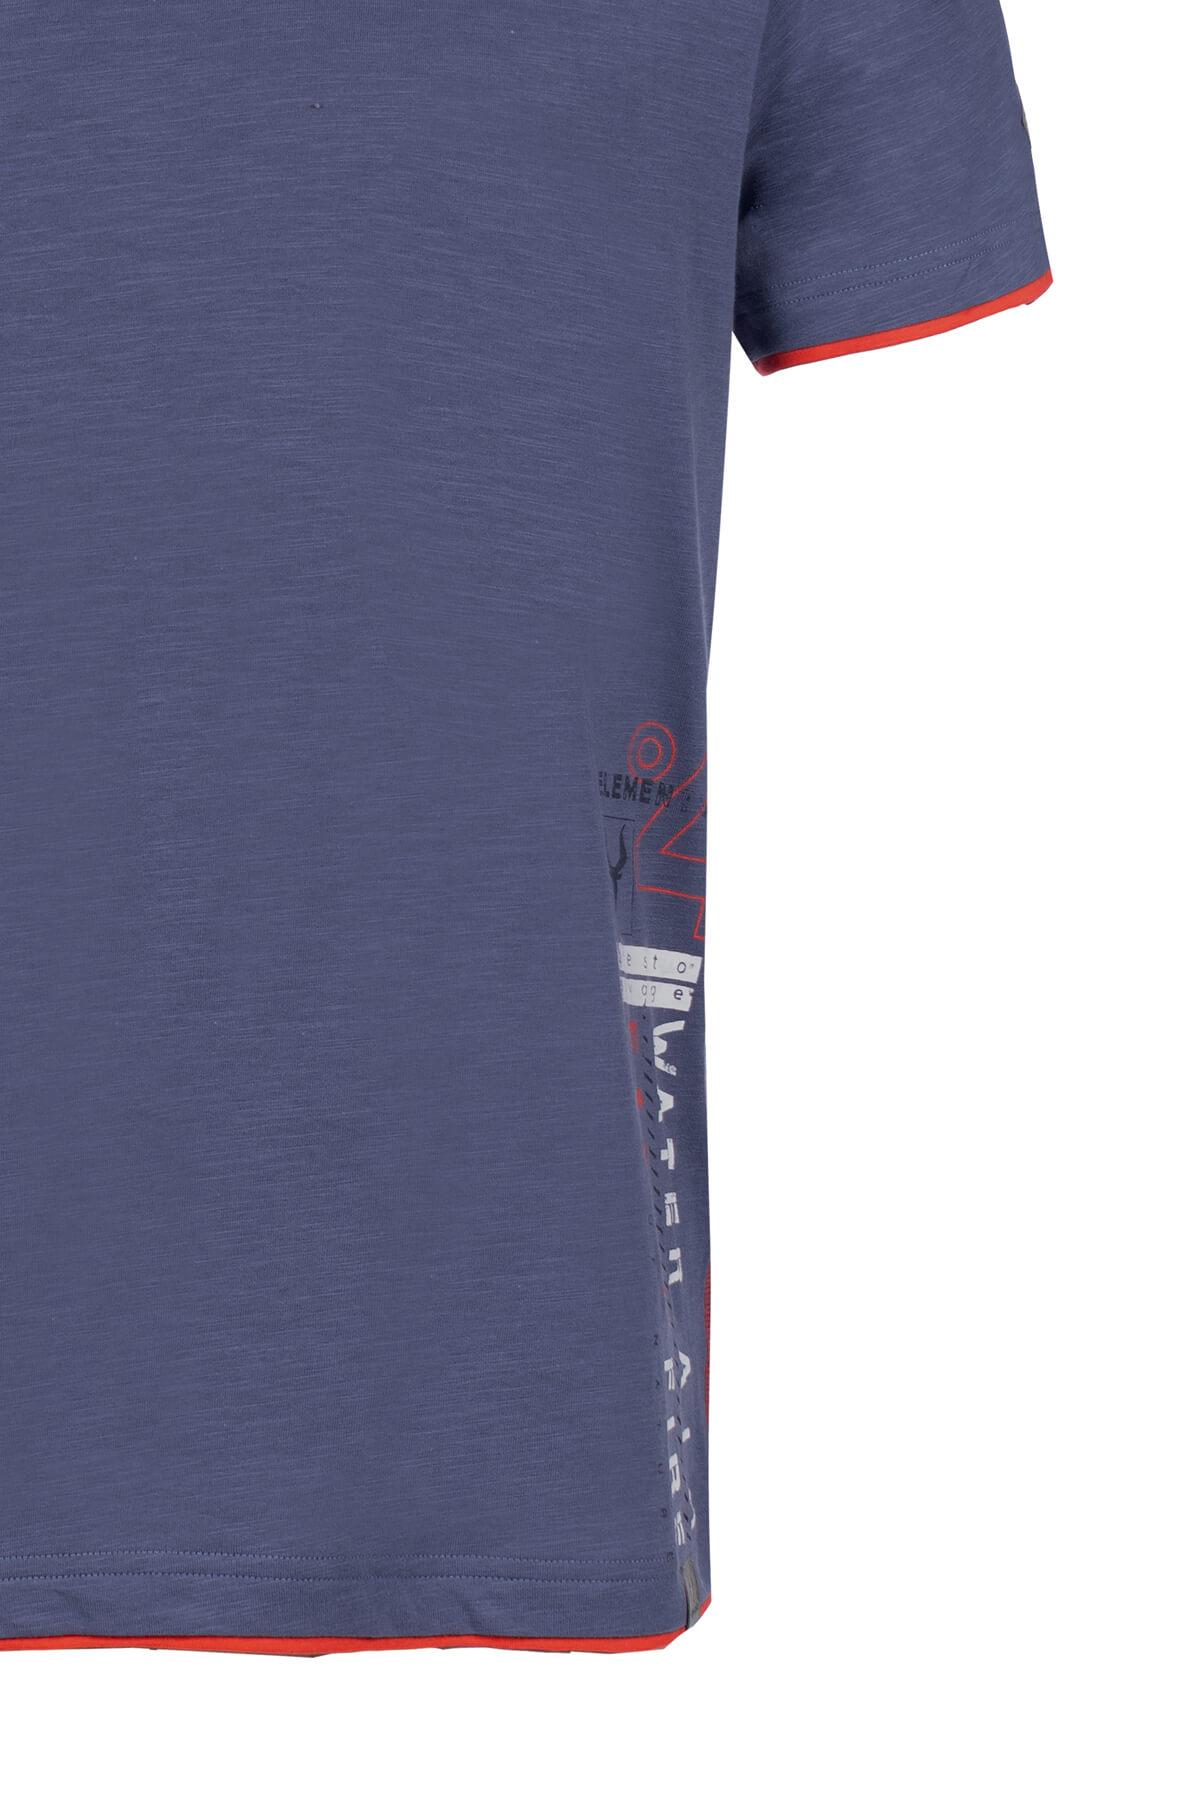 Questo Shirt Donald